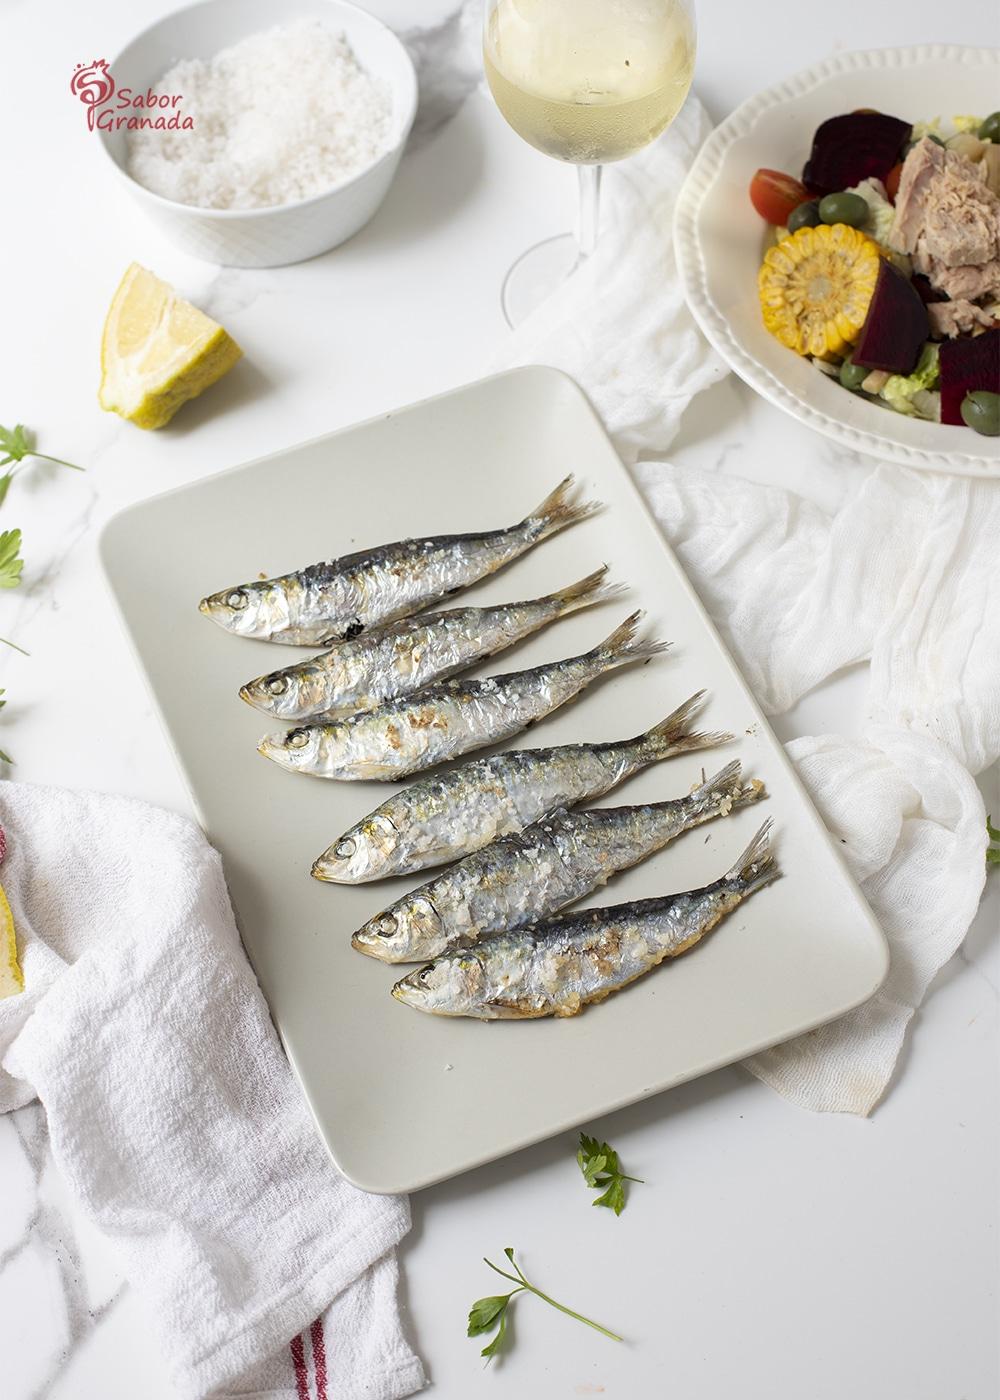 Plato de sardinas al horno - Sabor Granada